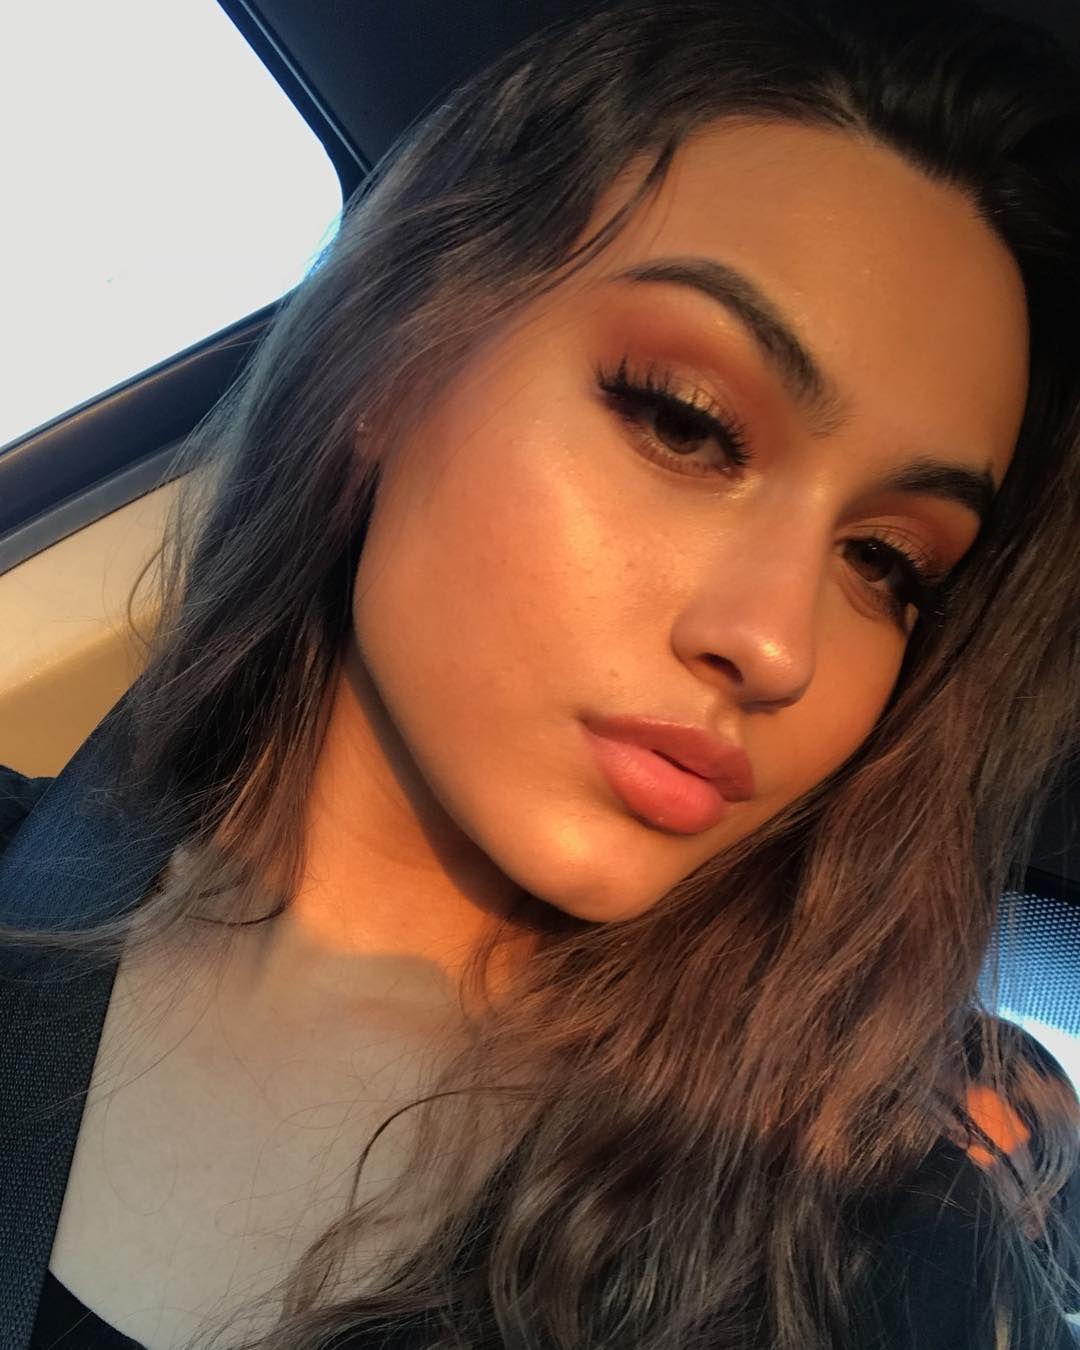 Pin by 🌺𝒥𝒶𝒹ℯ ℳ𝒶𝓉𝒽ℯ𝒶🌺 on Makeup Dewy makeup, Dewy makeup